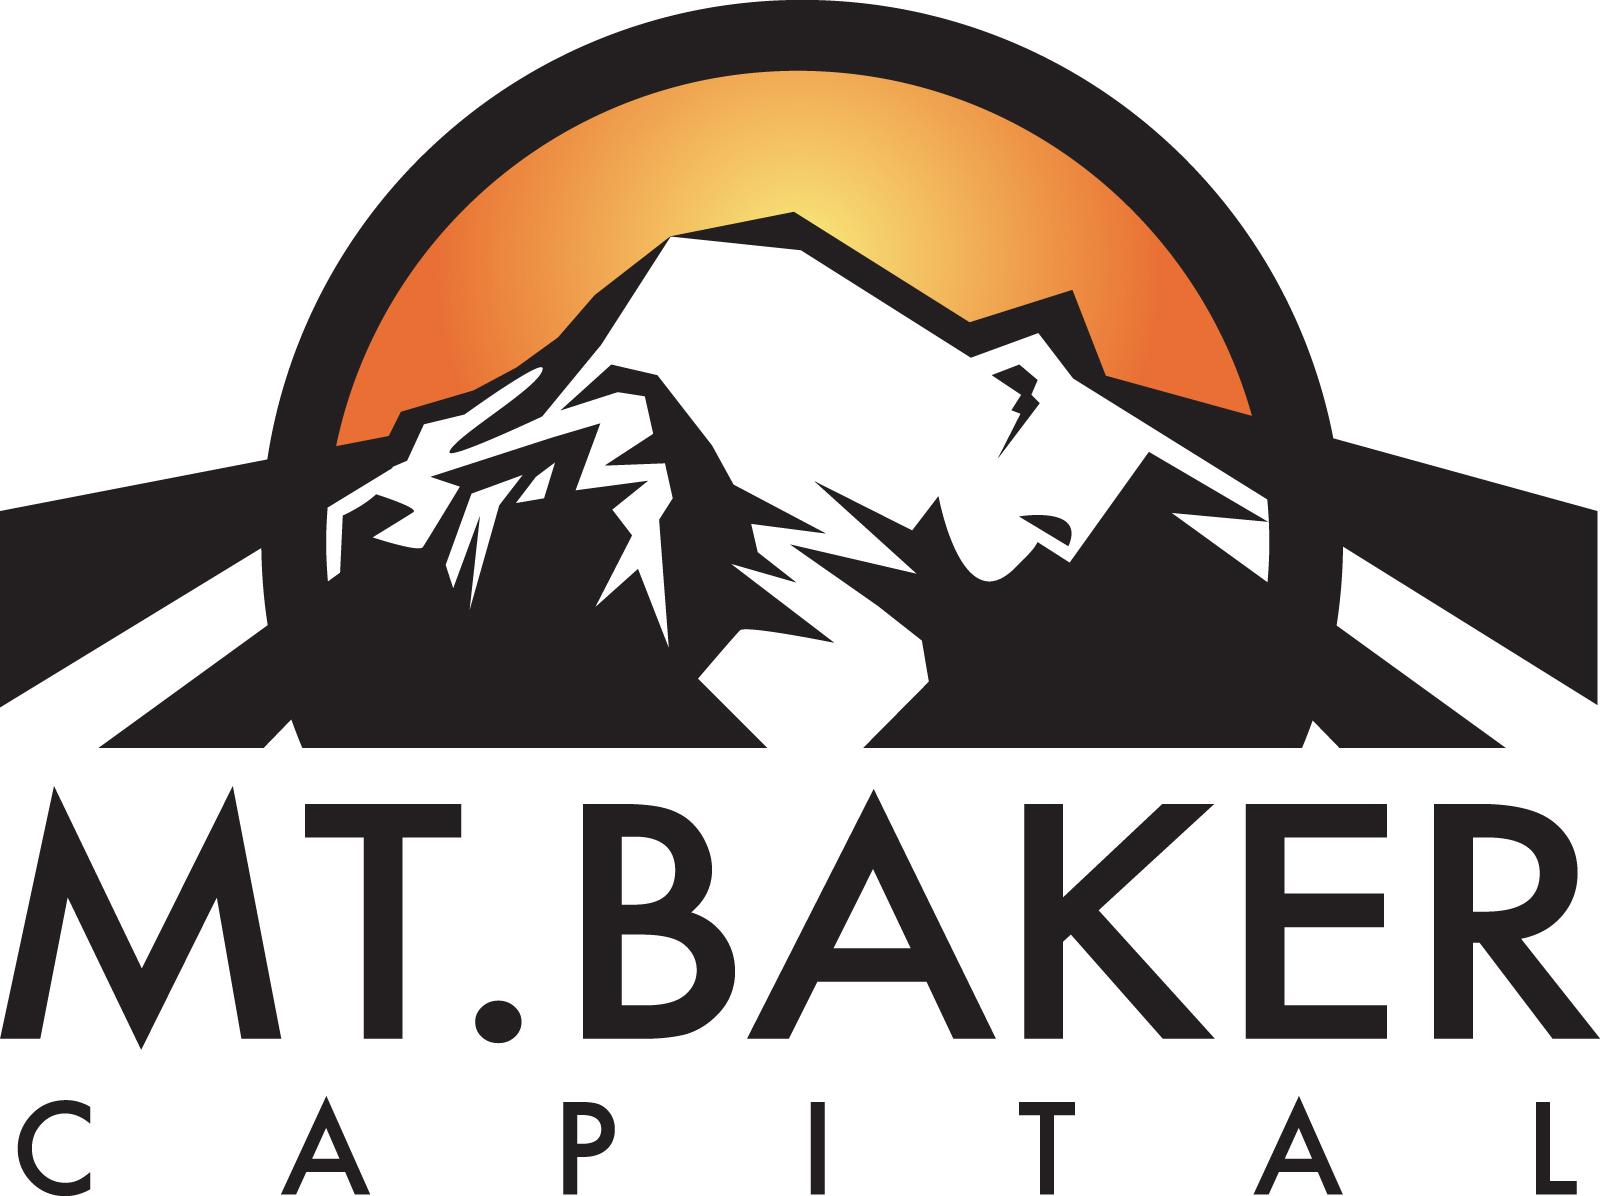 Mt. Baker logo master.jpg